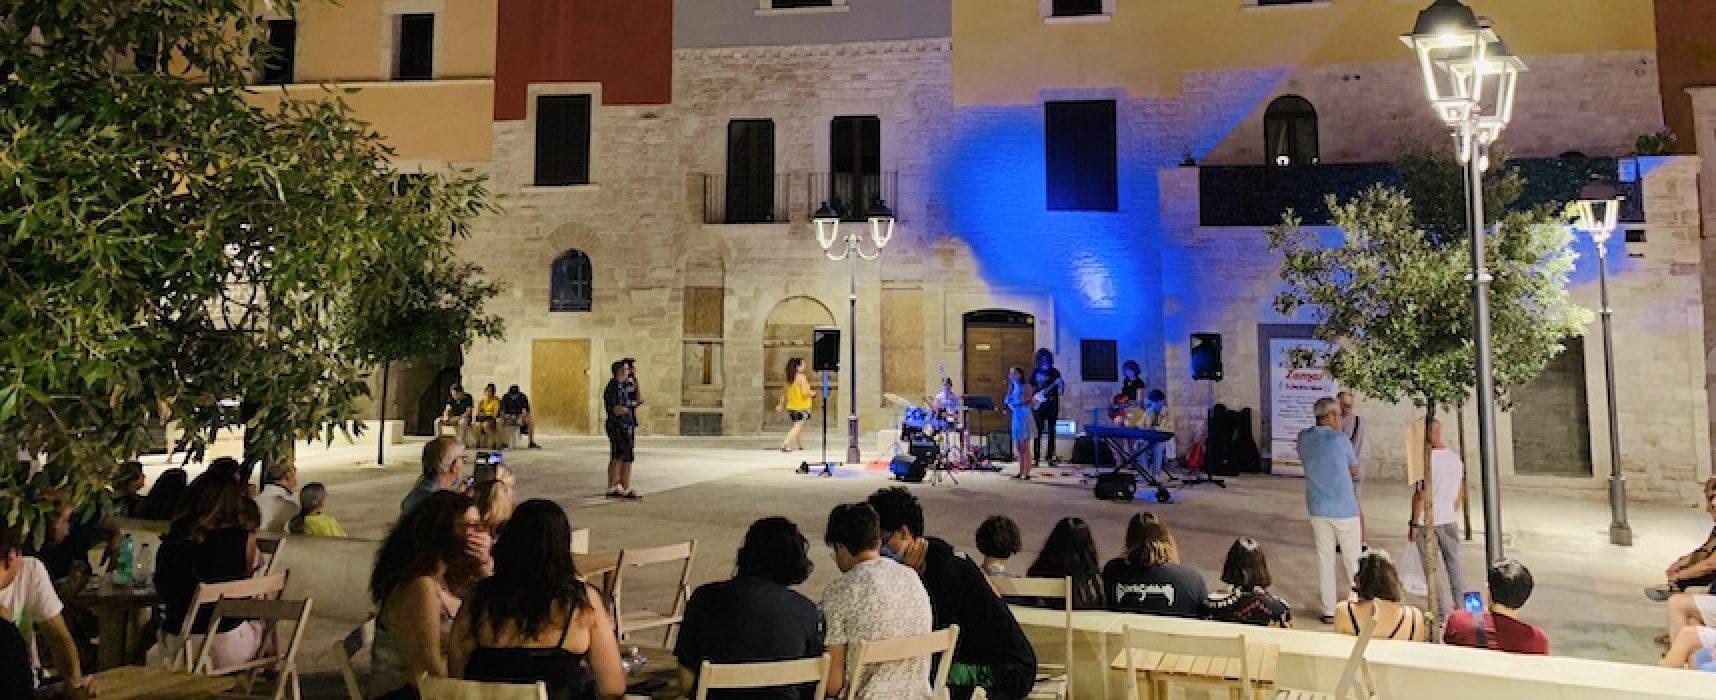 Borgo delle Meraviglie, musica nel weekend con Sol Duo, Duje Paravise e Albarock